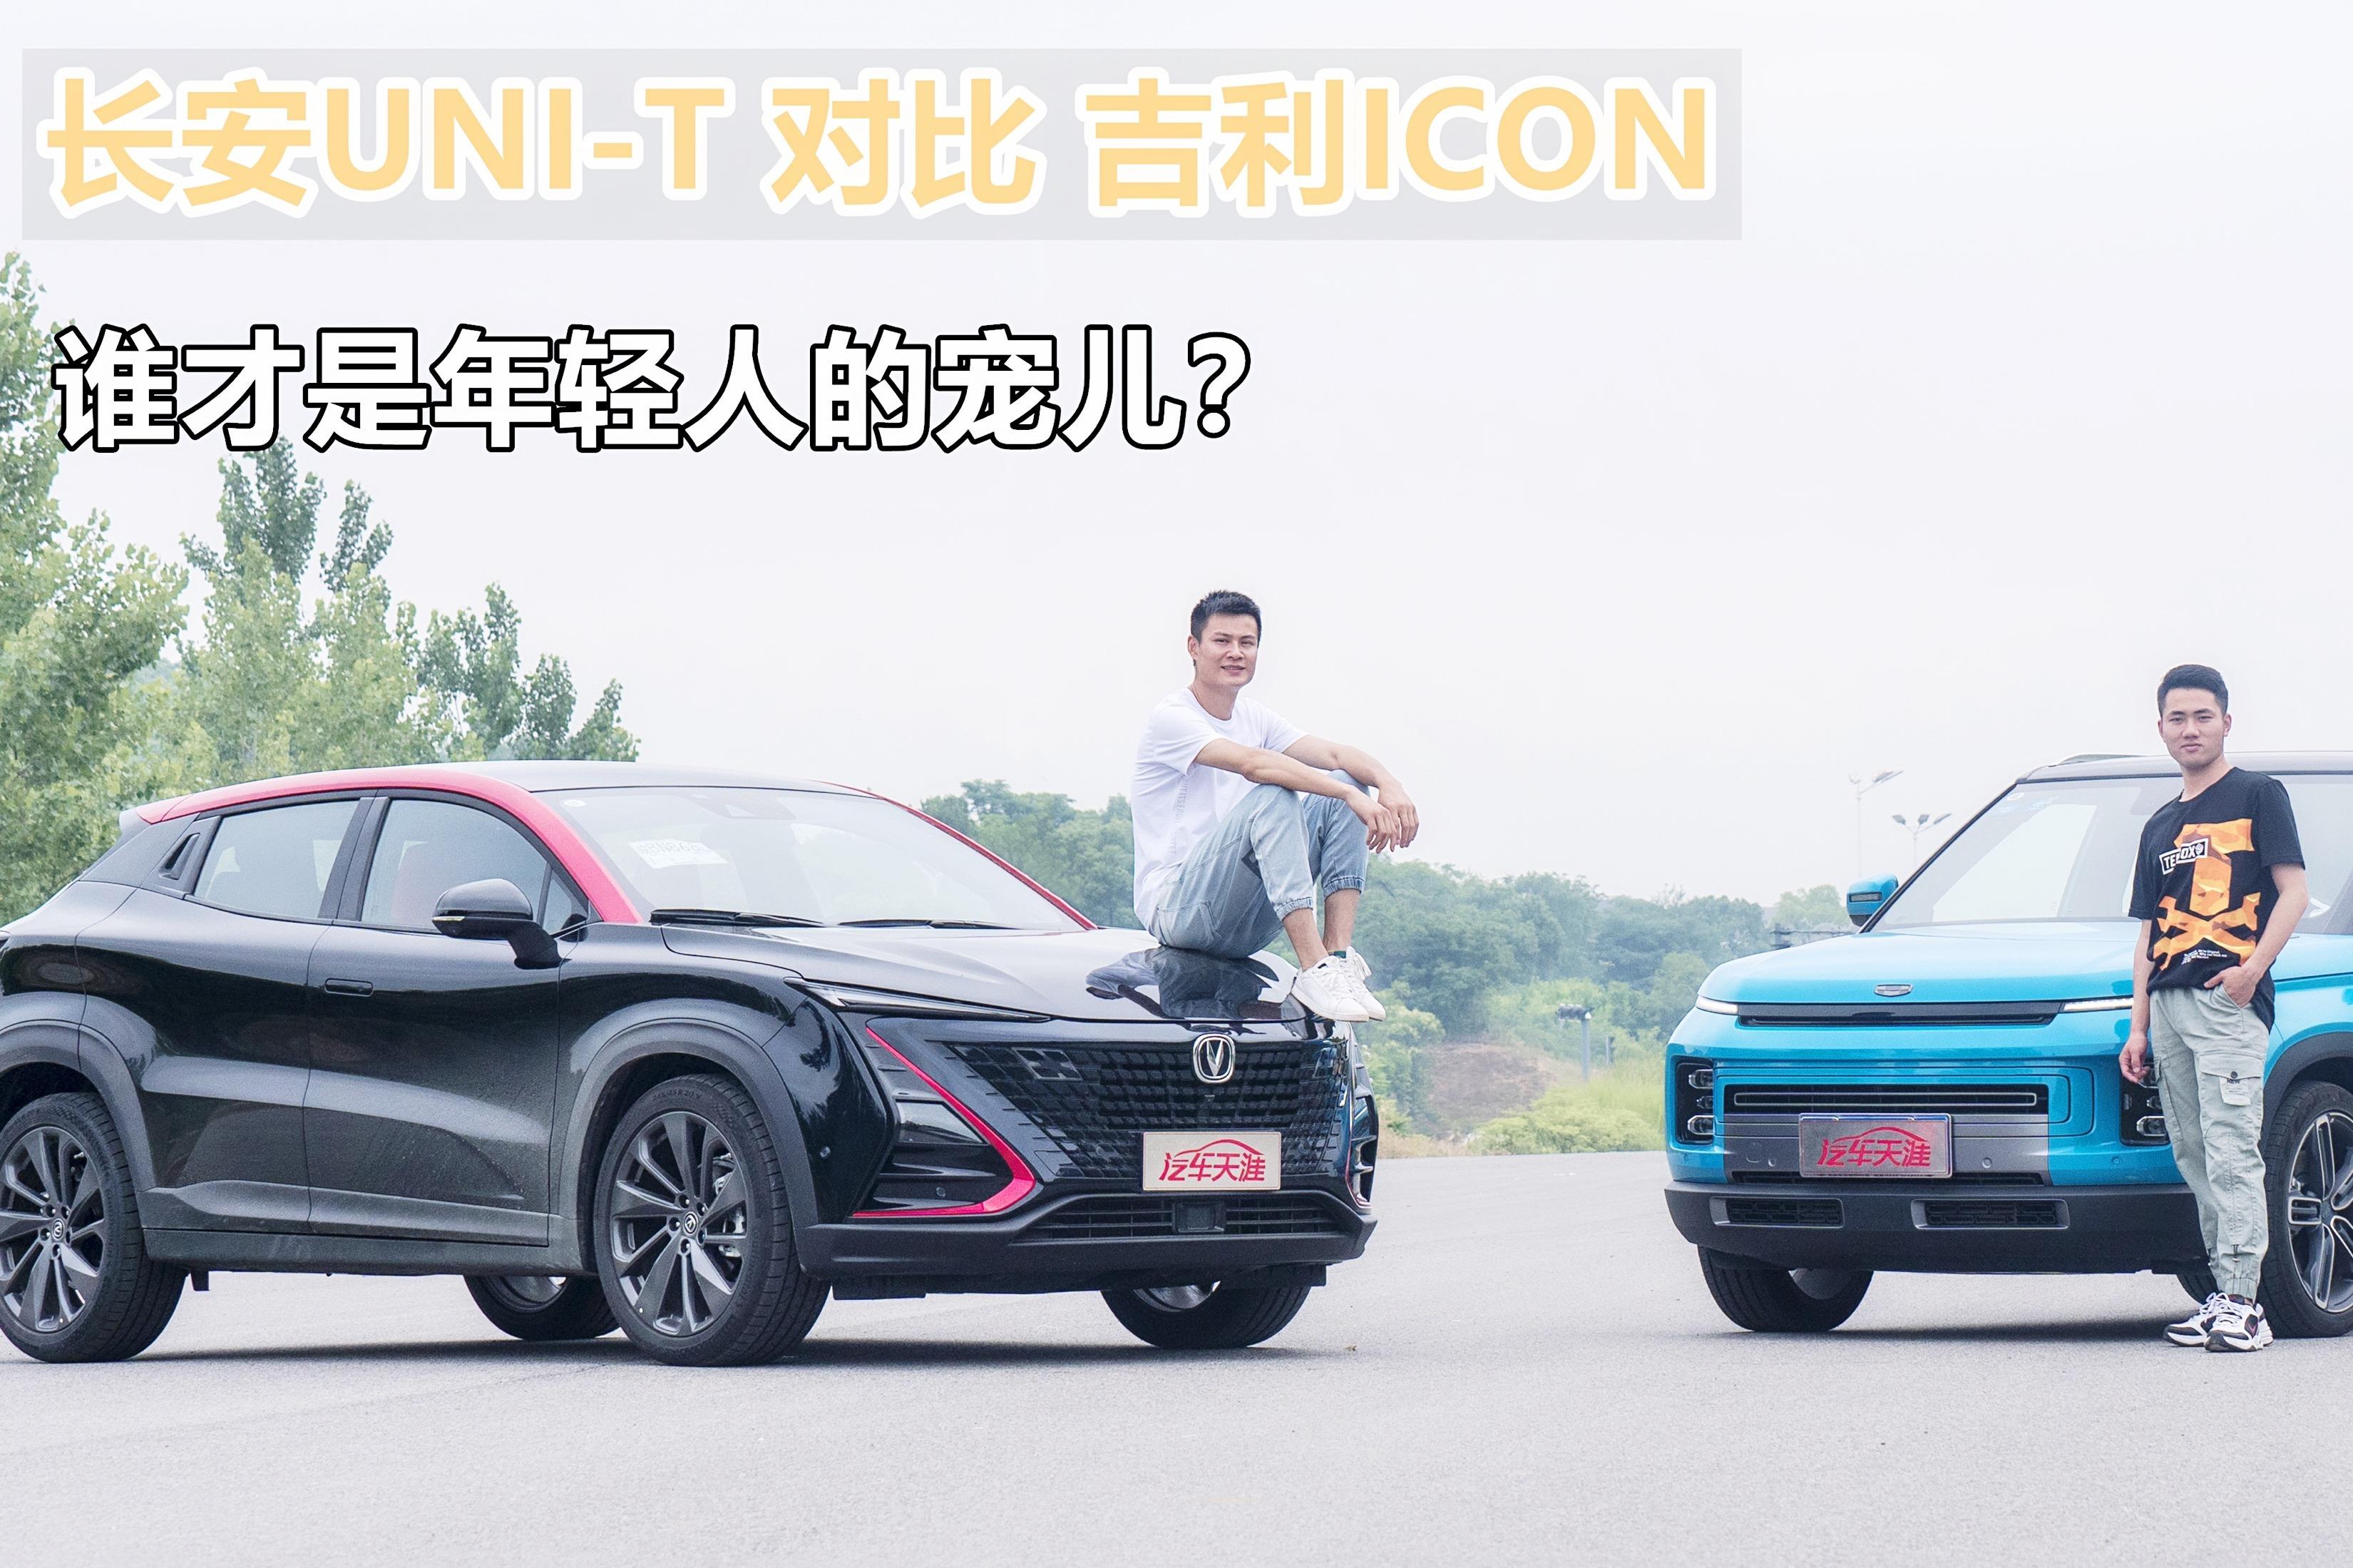 都代表国产车的新高度 长安UNI-T、吉利ICON谁更值得买